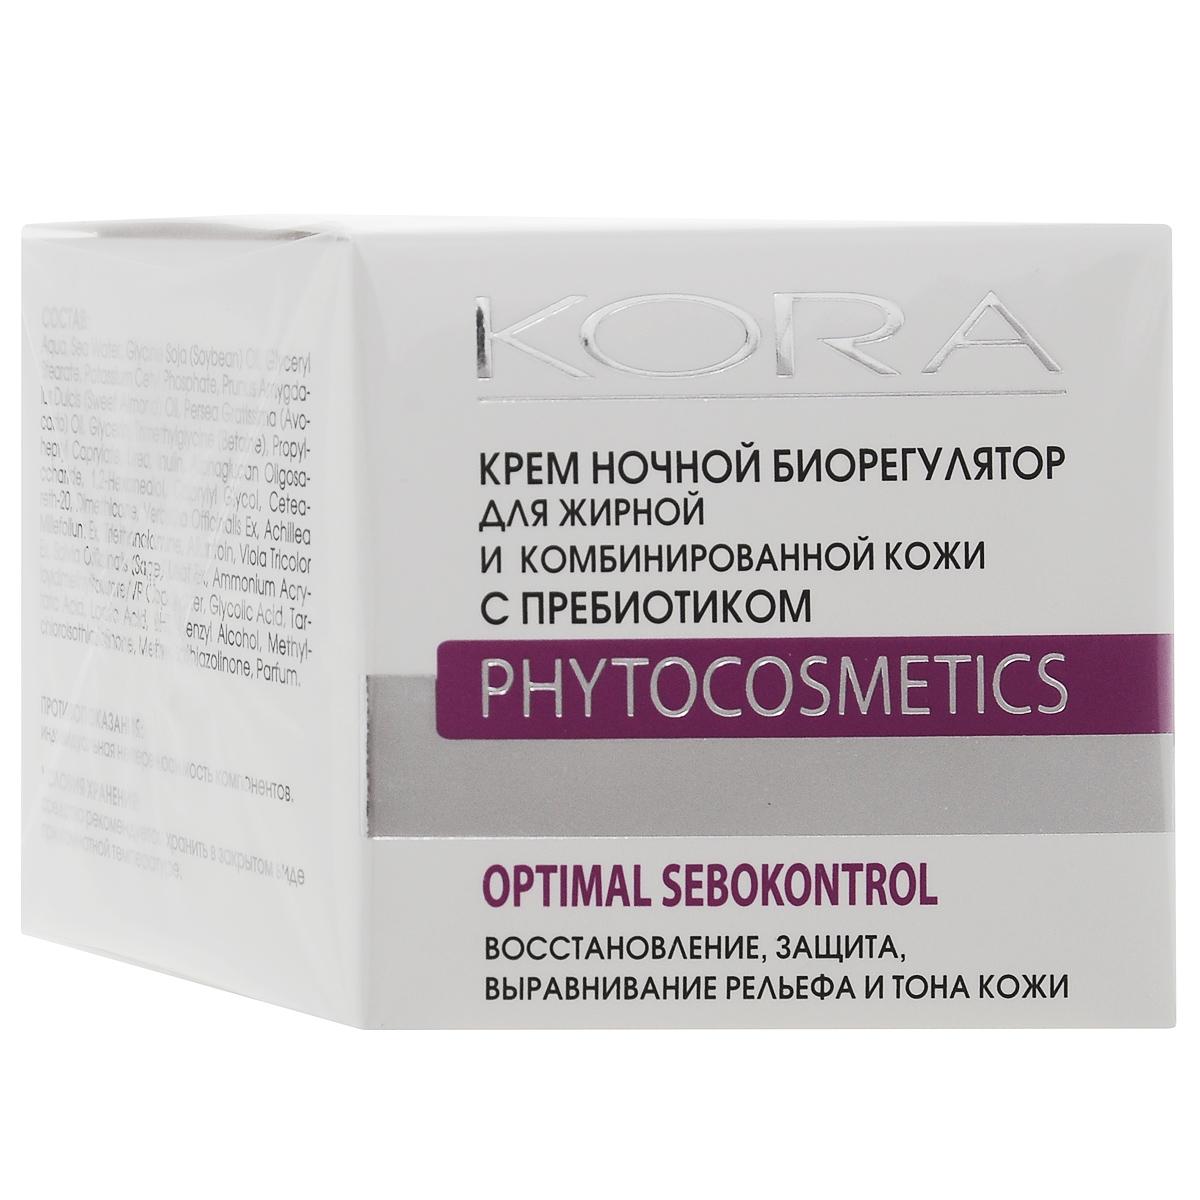 KORA Крем ночной биорегулятор, для комбинированной и жирной кожи, с пребиотиком, 50 мл1120Ночной крем Кора с пребиотиком идеально подходит для ухода за жирной и комбинированной кожей во время ночного отдыха. Устраняет последствия дневных стрессов.Натуральный пребиотик, выделенный из корня цикория и сахарной свеклы (инулин, альфа-глюкан олигосахарид), восстанавливает баланс кожи за счет поддержания и усиления естественного микробиологического щита - дружественных коже микроорганизмов, эффективно повышает сопротивляемость кожи внешним факторам, устраняет покраснения и раздражения.Суперувлажняющий комплекс и ана-кислоты (гликолевая, винная, молочная) поддерживают оптимальное увлажнение эпидермиса, способствуют обновлению кожи, очищают и стягивают поры, предотвращая образование черных точек, возвращают коже мягкость и эластичность.Термальная вода благодаря оптимальному содержанию микроэлементов восстанавливает минеральный баланс кожи, повышает защитный потенциал эпидермиса.Фитокомплекс и натуральные растительные масла обеспечивают антиоксидантную защиту, интенсивно успокаивают кожу, смягчают морщины, восстанавливают красивый цвет лица.Применение: вечером (не менее чем за 40 минут до сна) небольшое количество крема нанести легкими похлопывающими движениями на чистую увлажненную тоником кожу лица и шеи. Стабильный результат достигается при регулярном использовании крема не менее двух месяцев. Характеристики:Объем: 50 мл. Рекомендуемый возраст: с 25-30 лет. Артикул: 3308. Производитель: Россия. Товар сертифицирован.